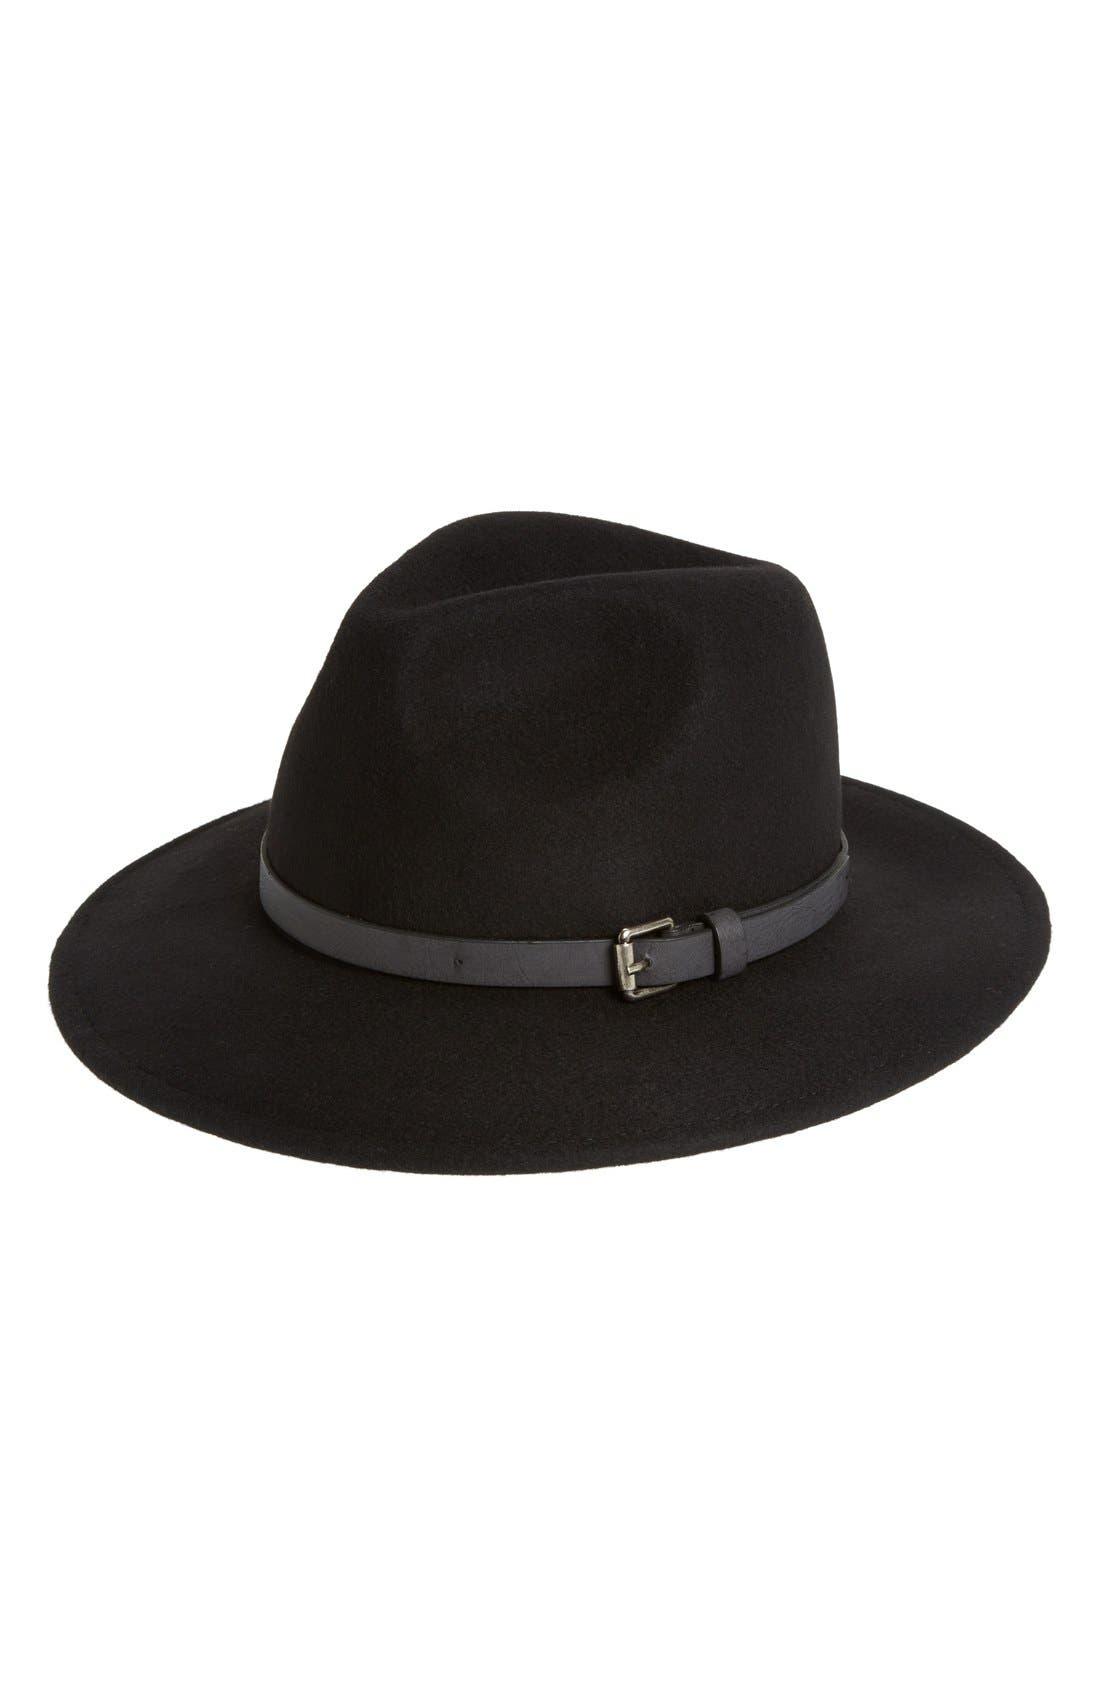 Wool Panama Hat,                             Main thumbnail 1, color,                             001